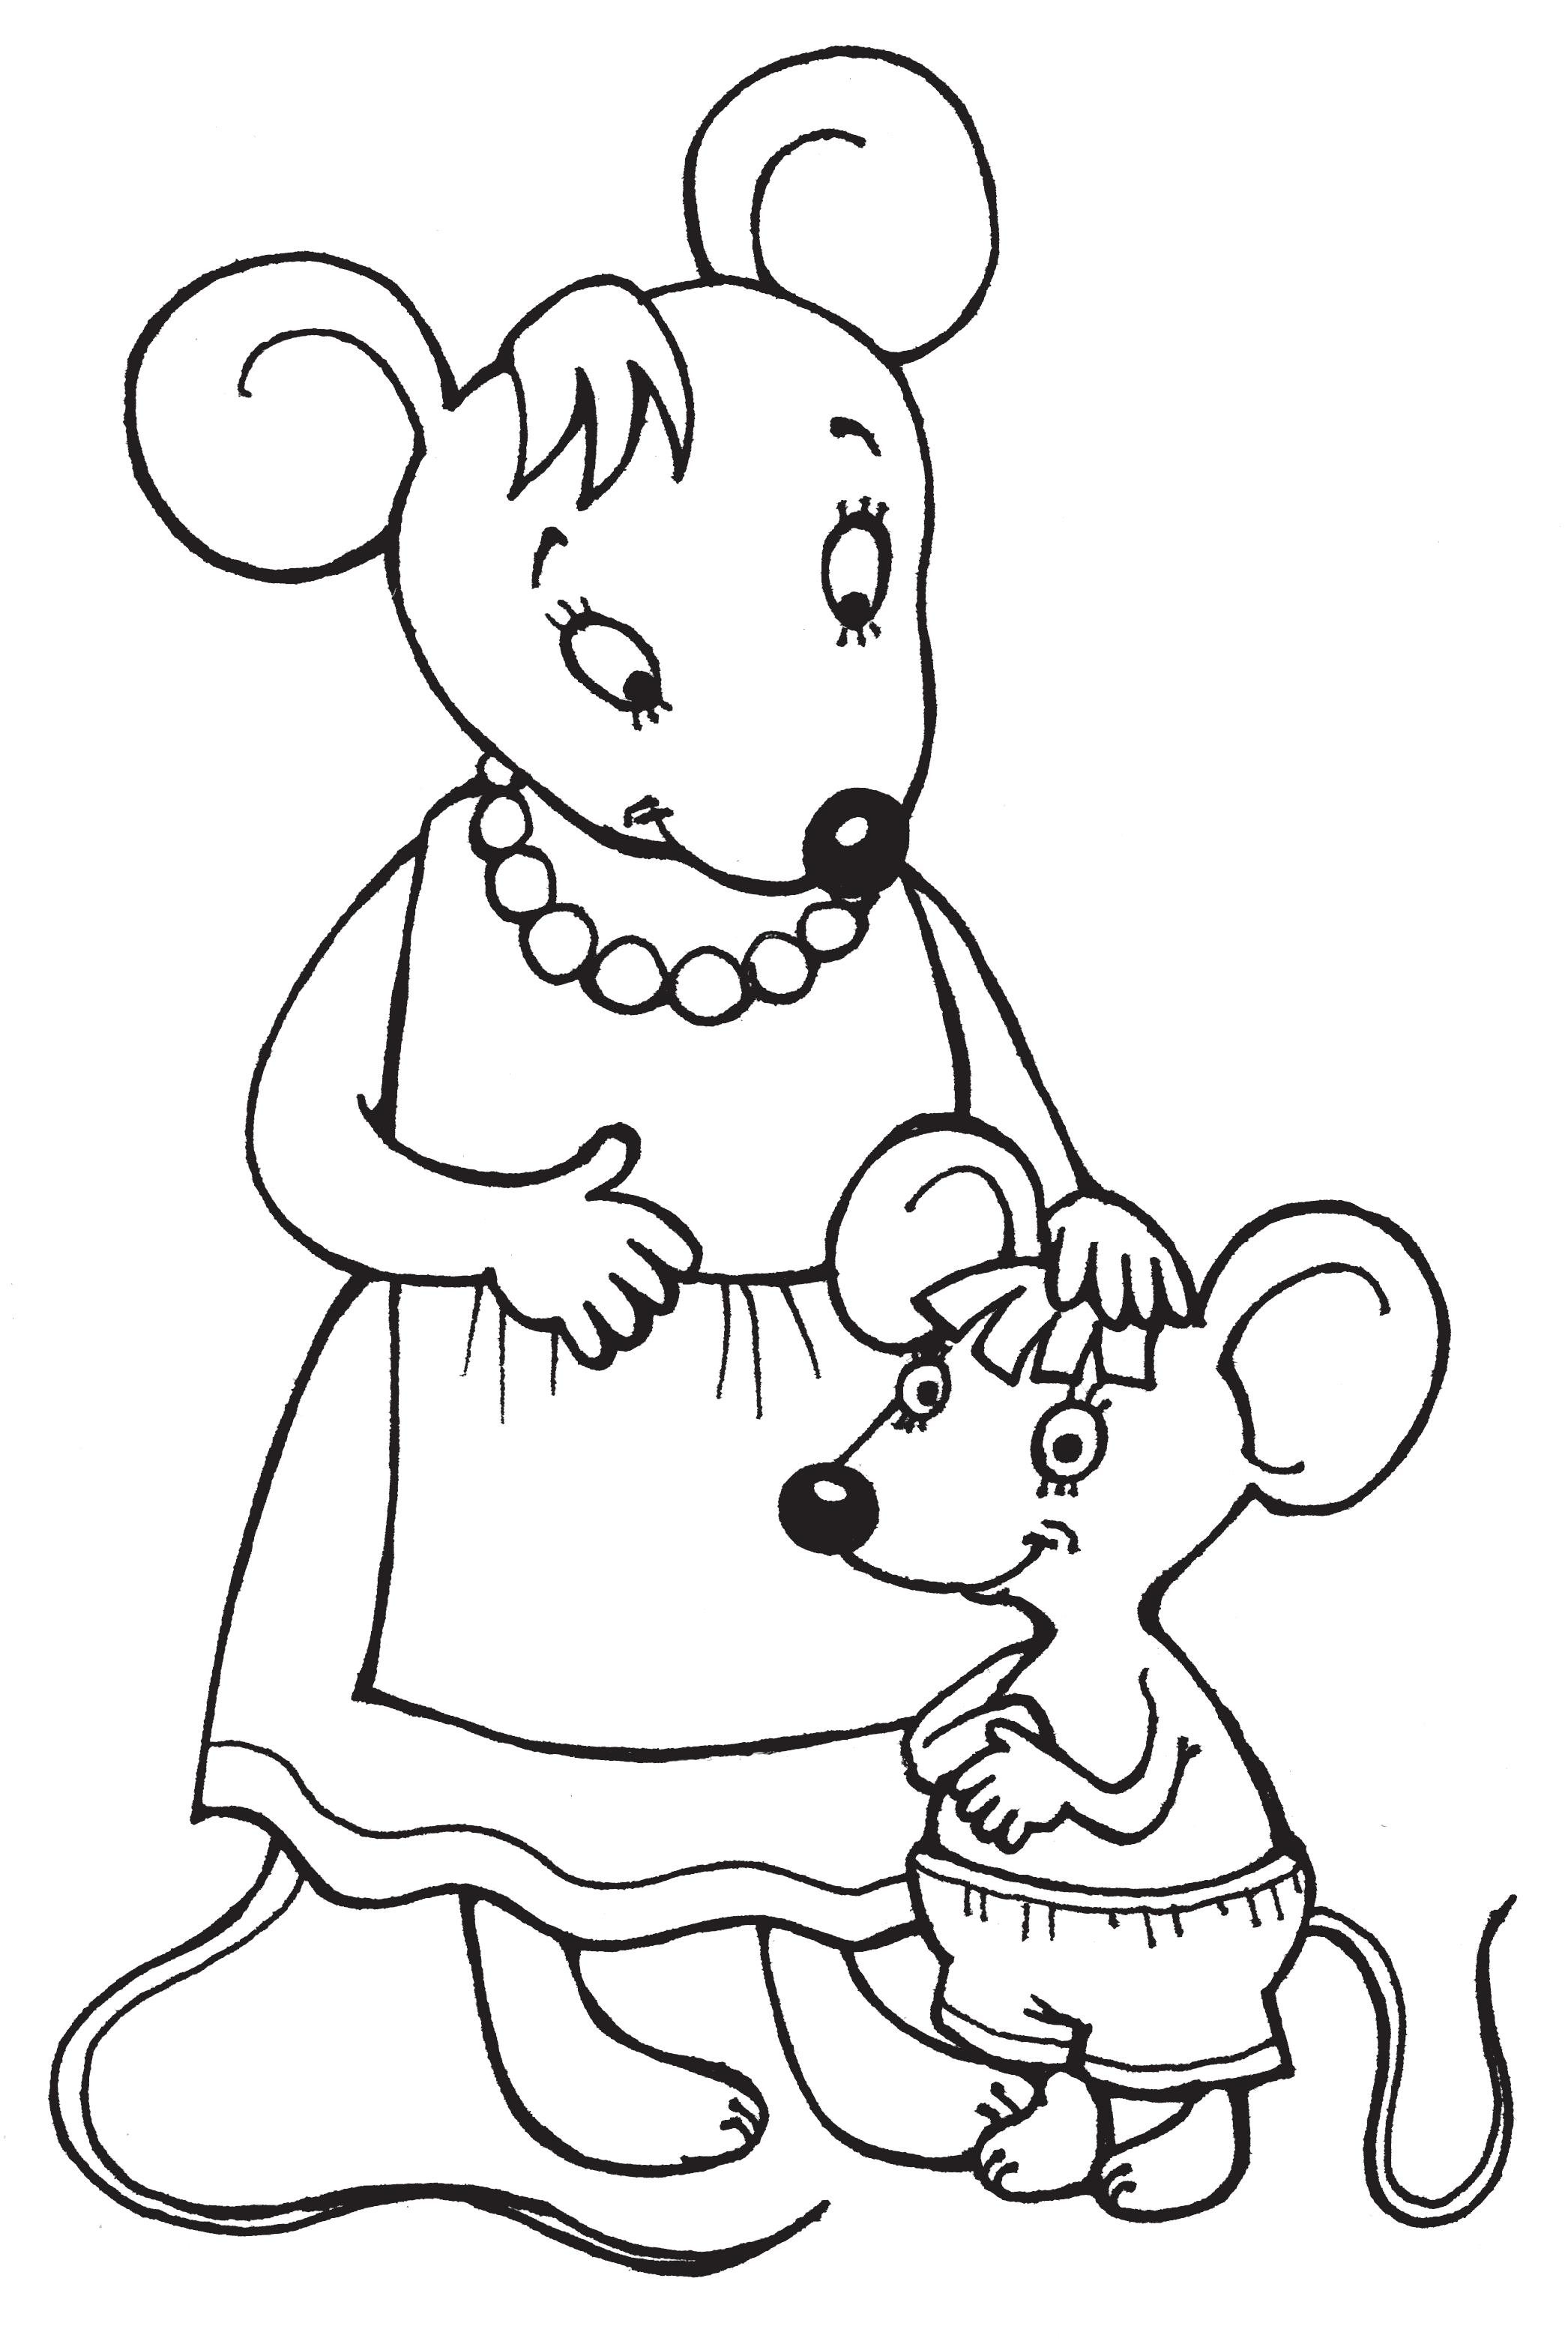 Картинка мышки норушки раскраски